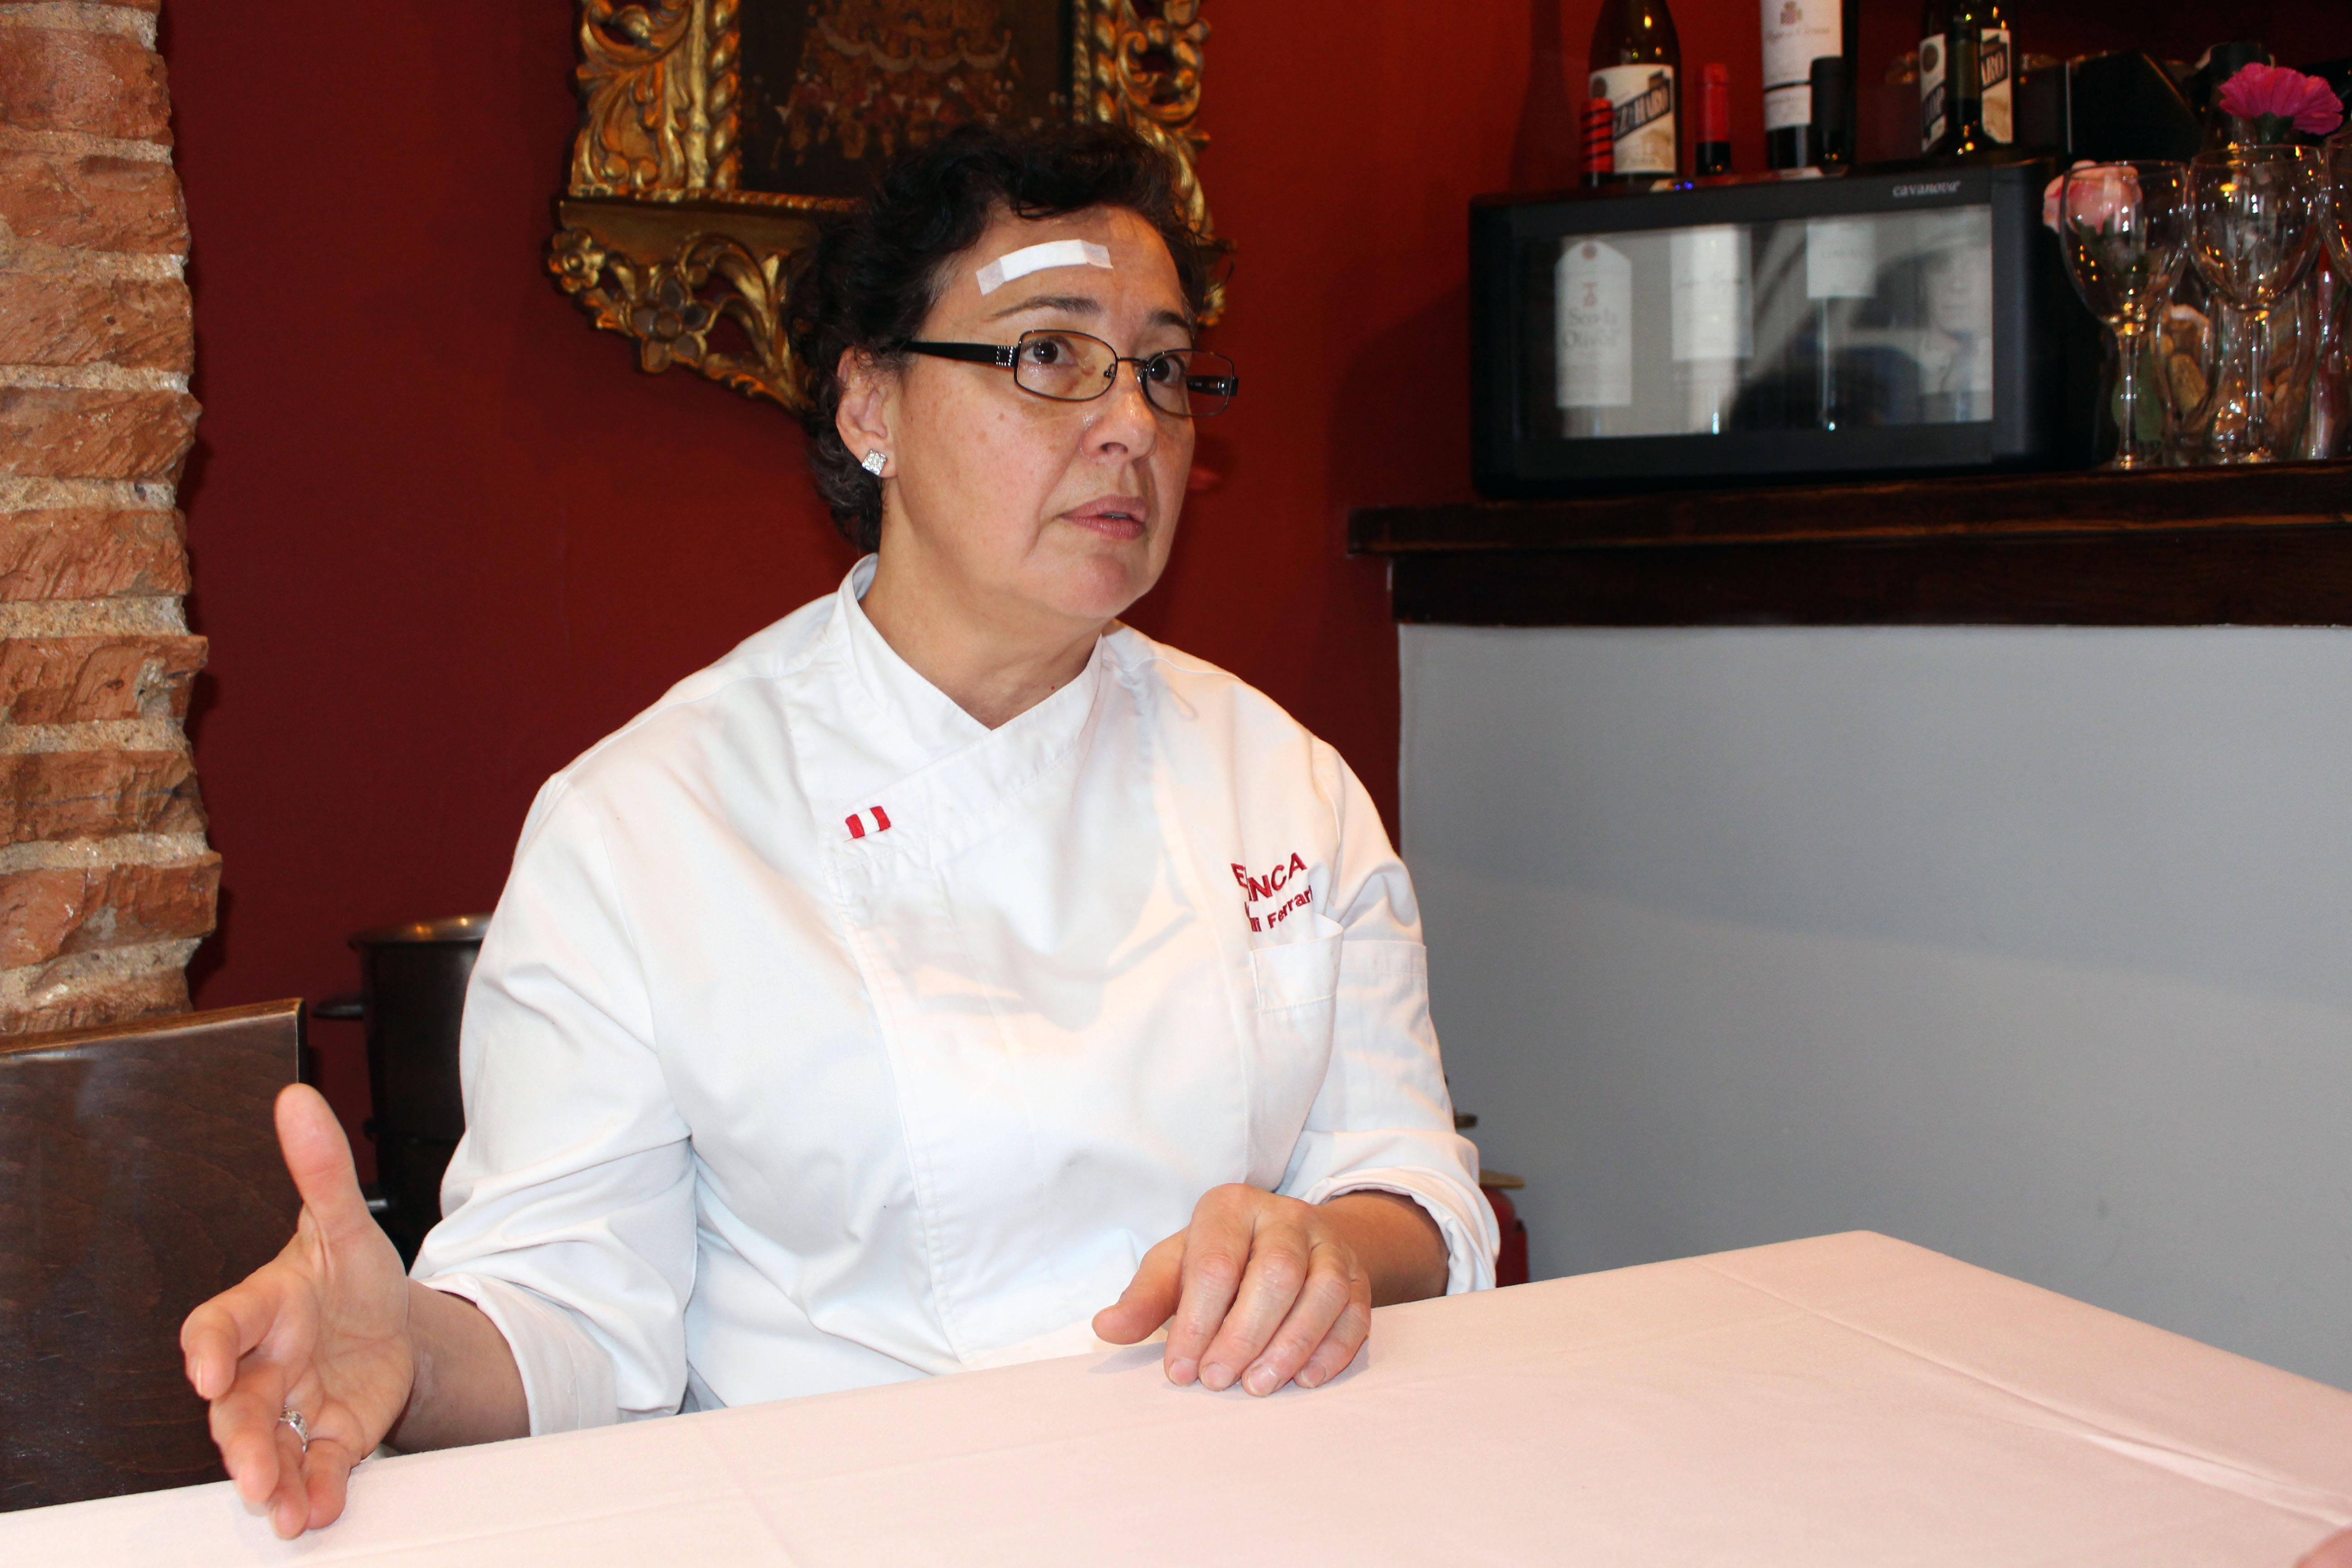 El Inca era uno de los cinco restaurantes peruanos en 2003, ahora ya son más de 180 en Madrid.